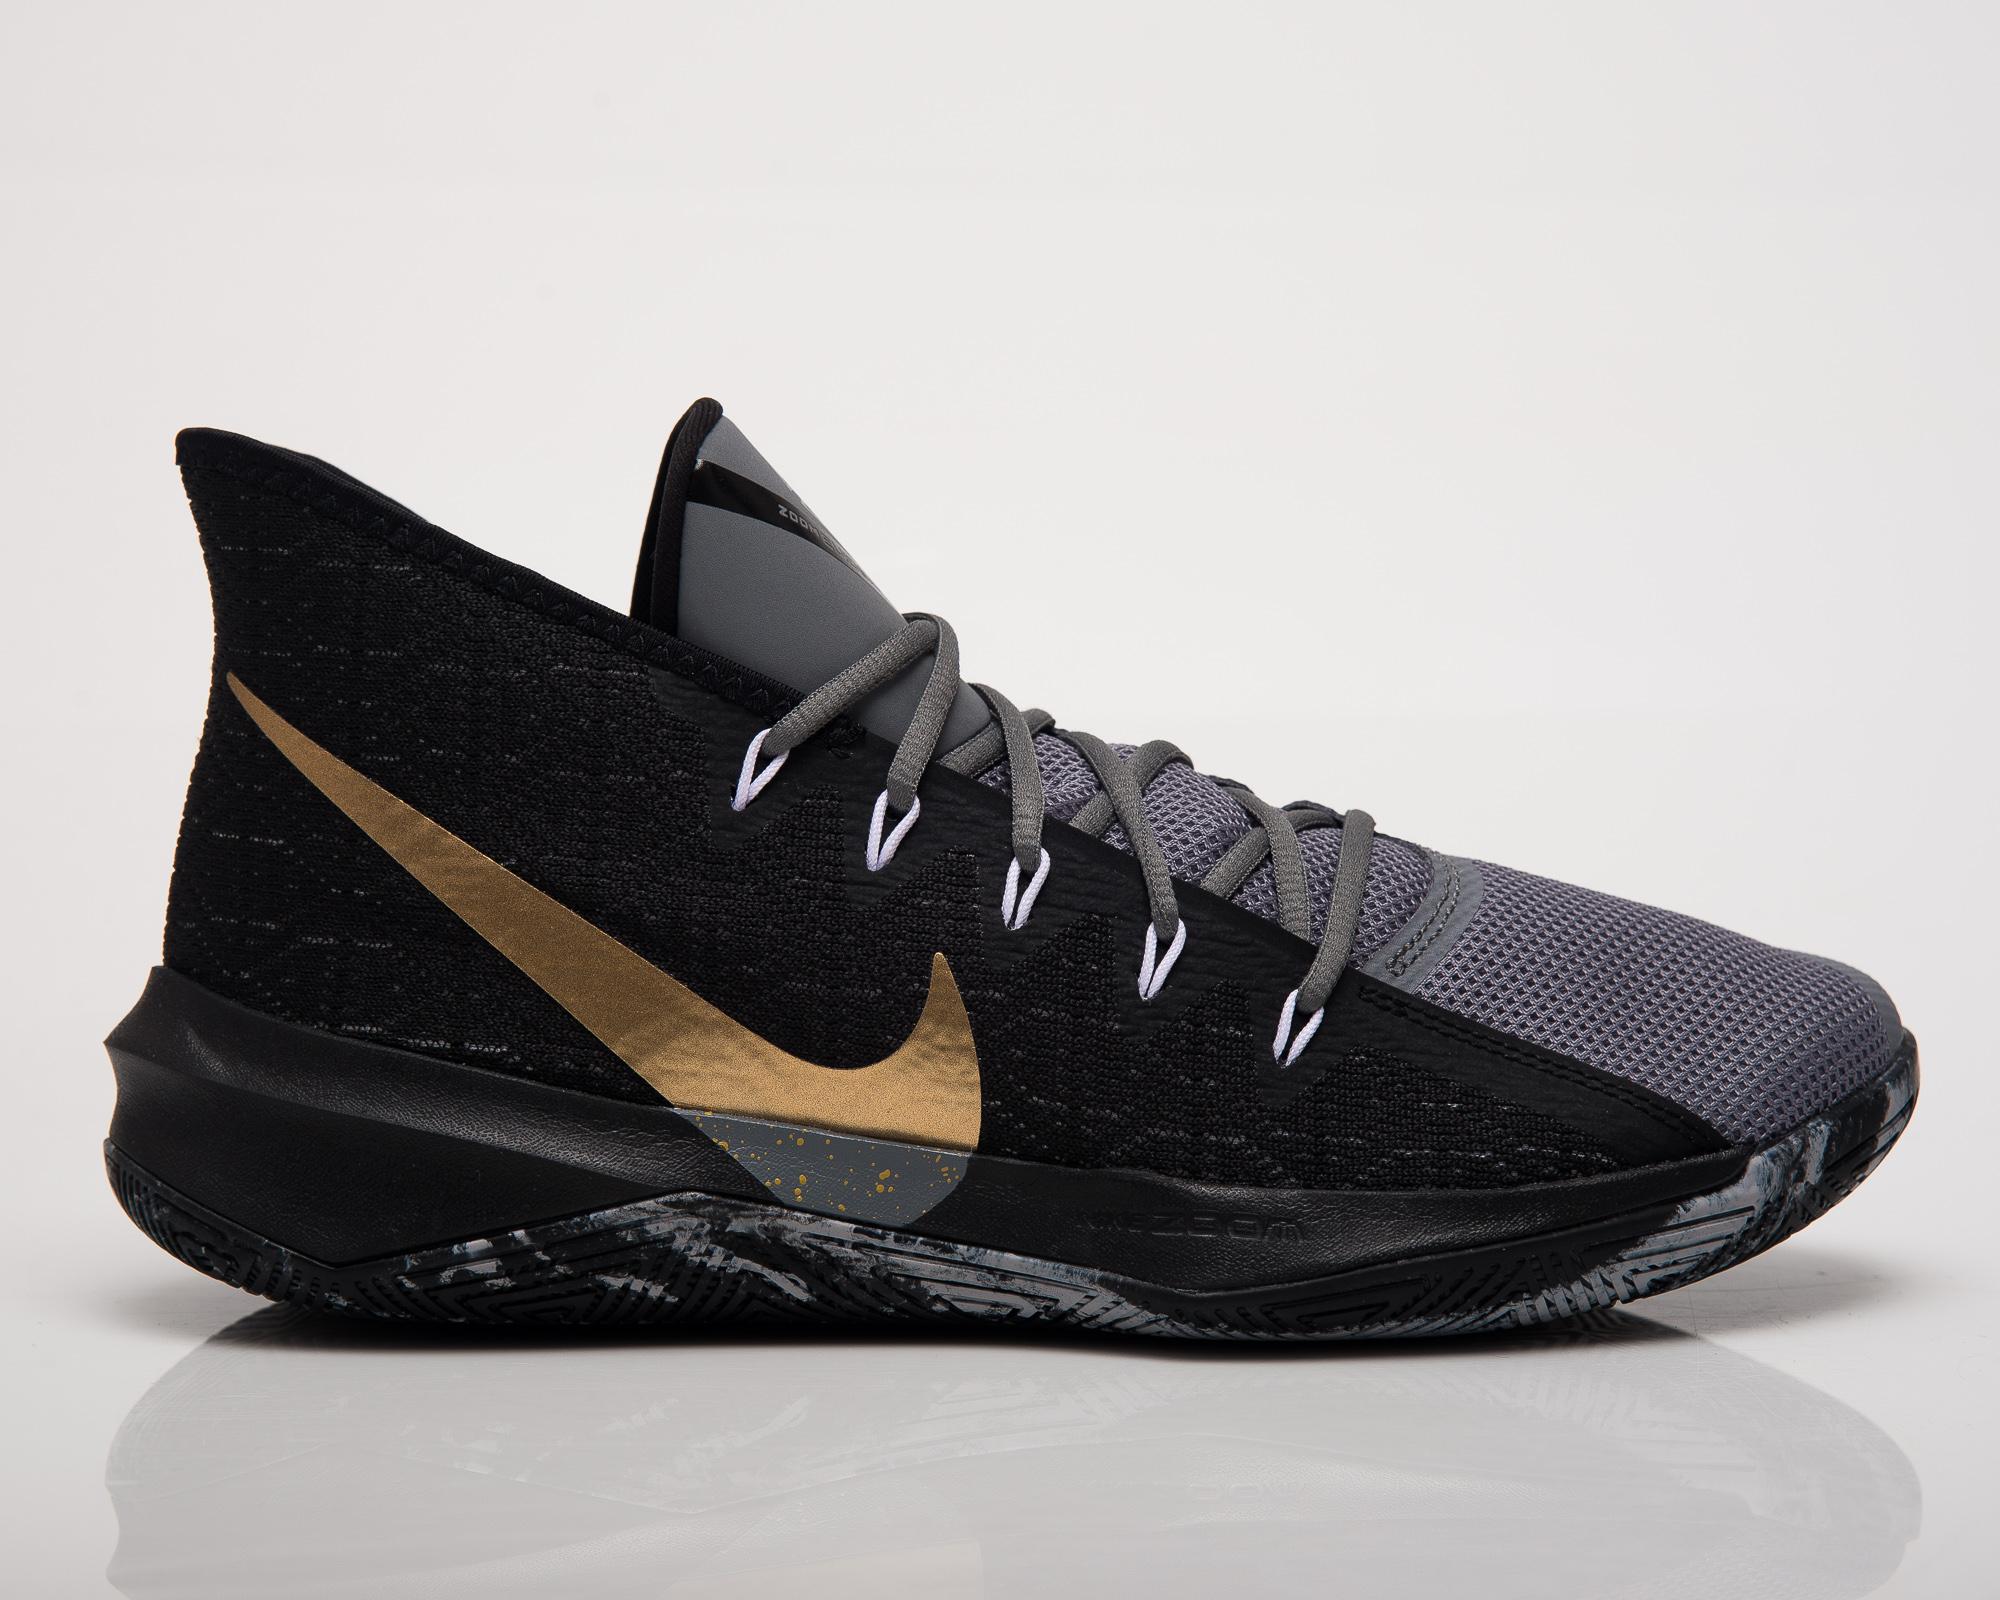 new product 83e84 4d16e Nike Zoom Evidence III - BASKETBALL SHOES NIKE Basketball Shoes - Superfanas .lt